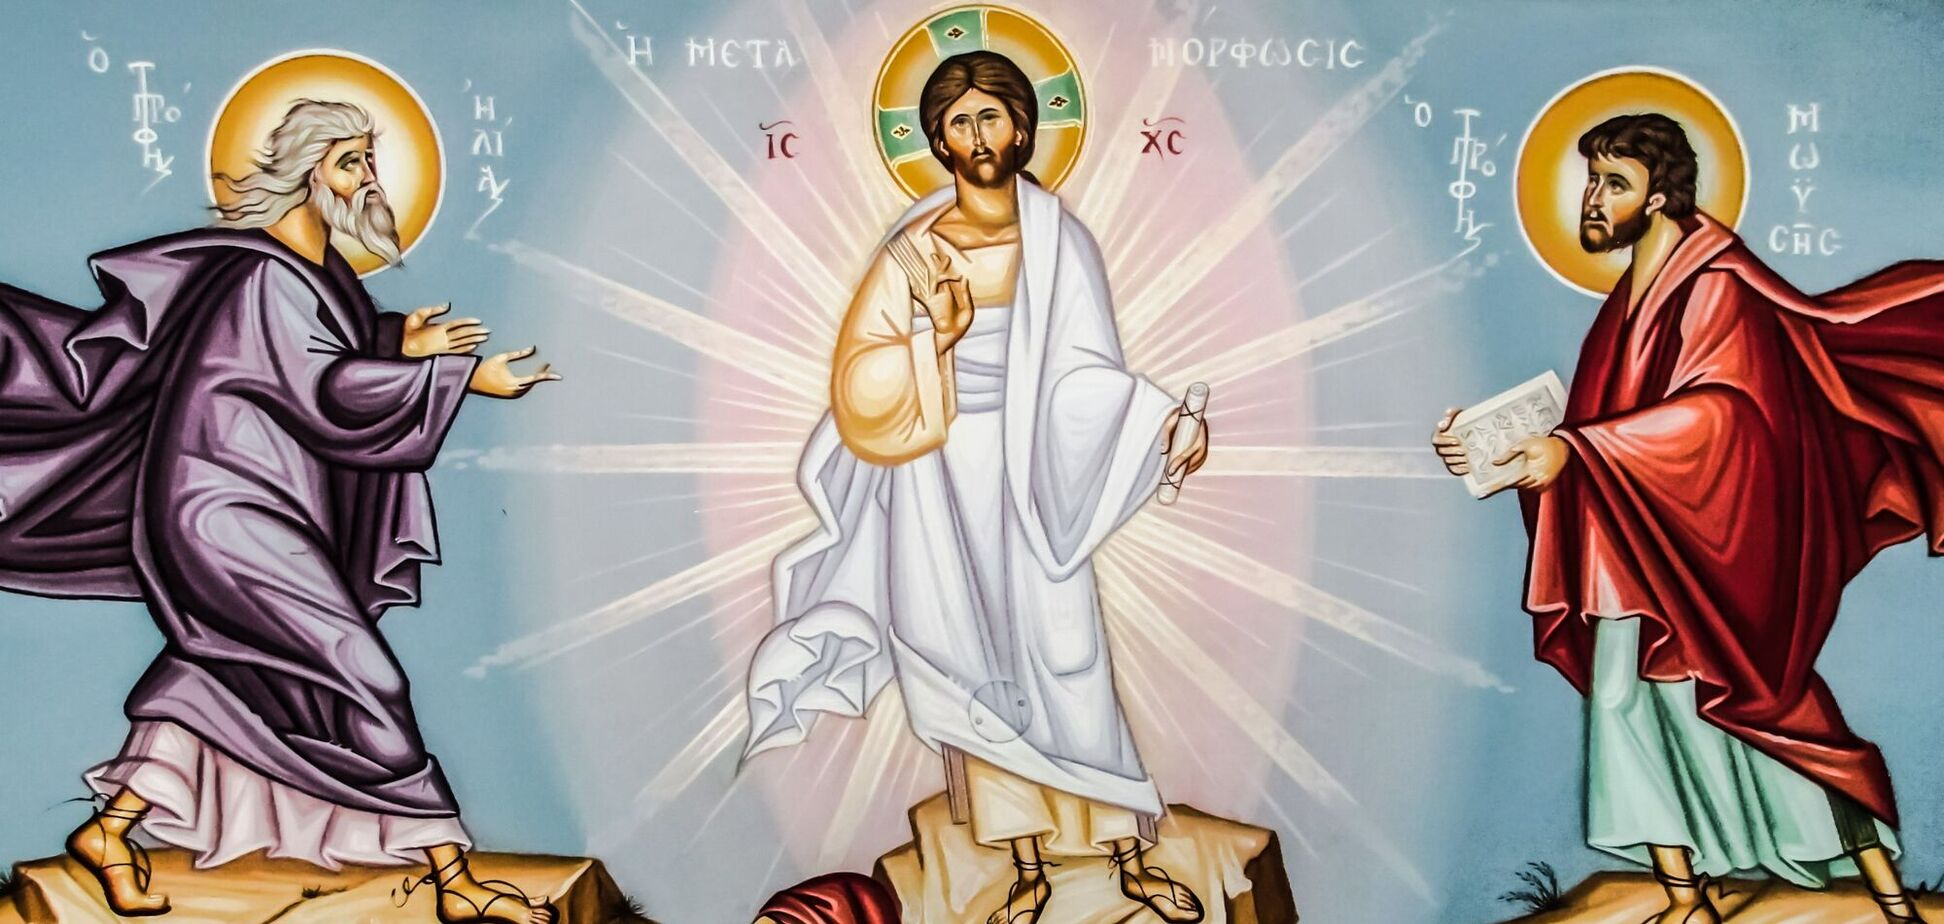 Молитва на Преображение Господне - Яблочный Спас